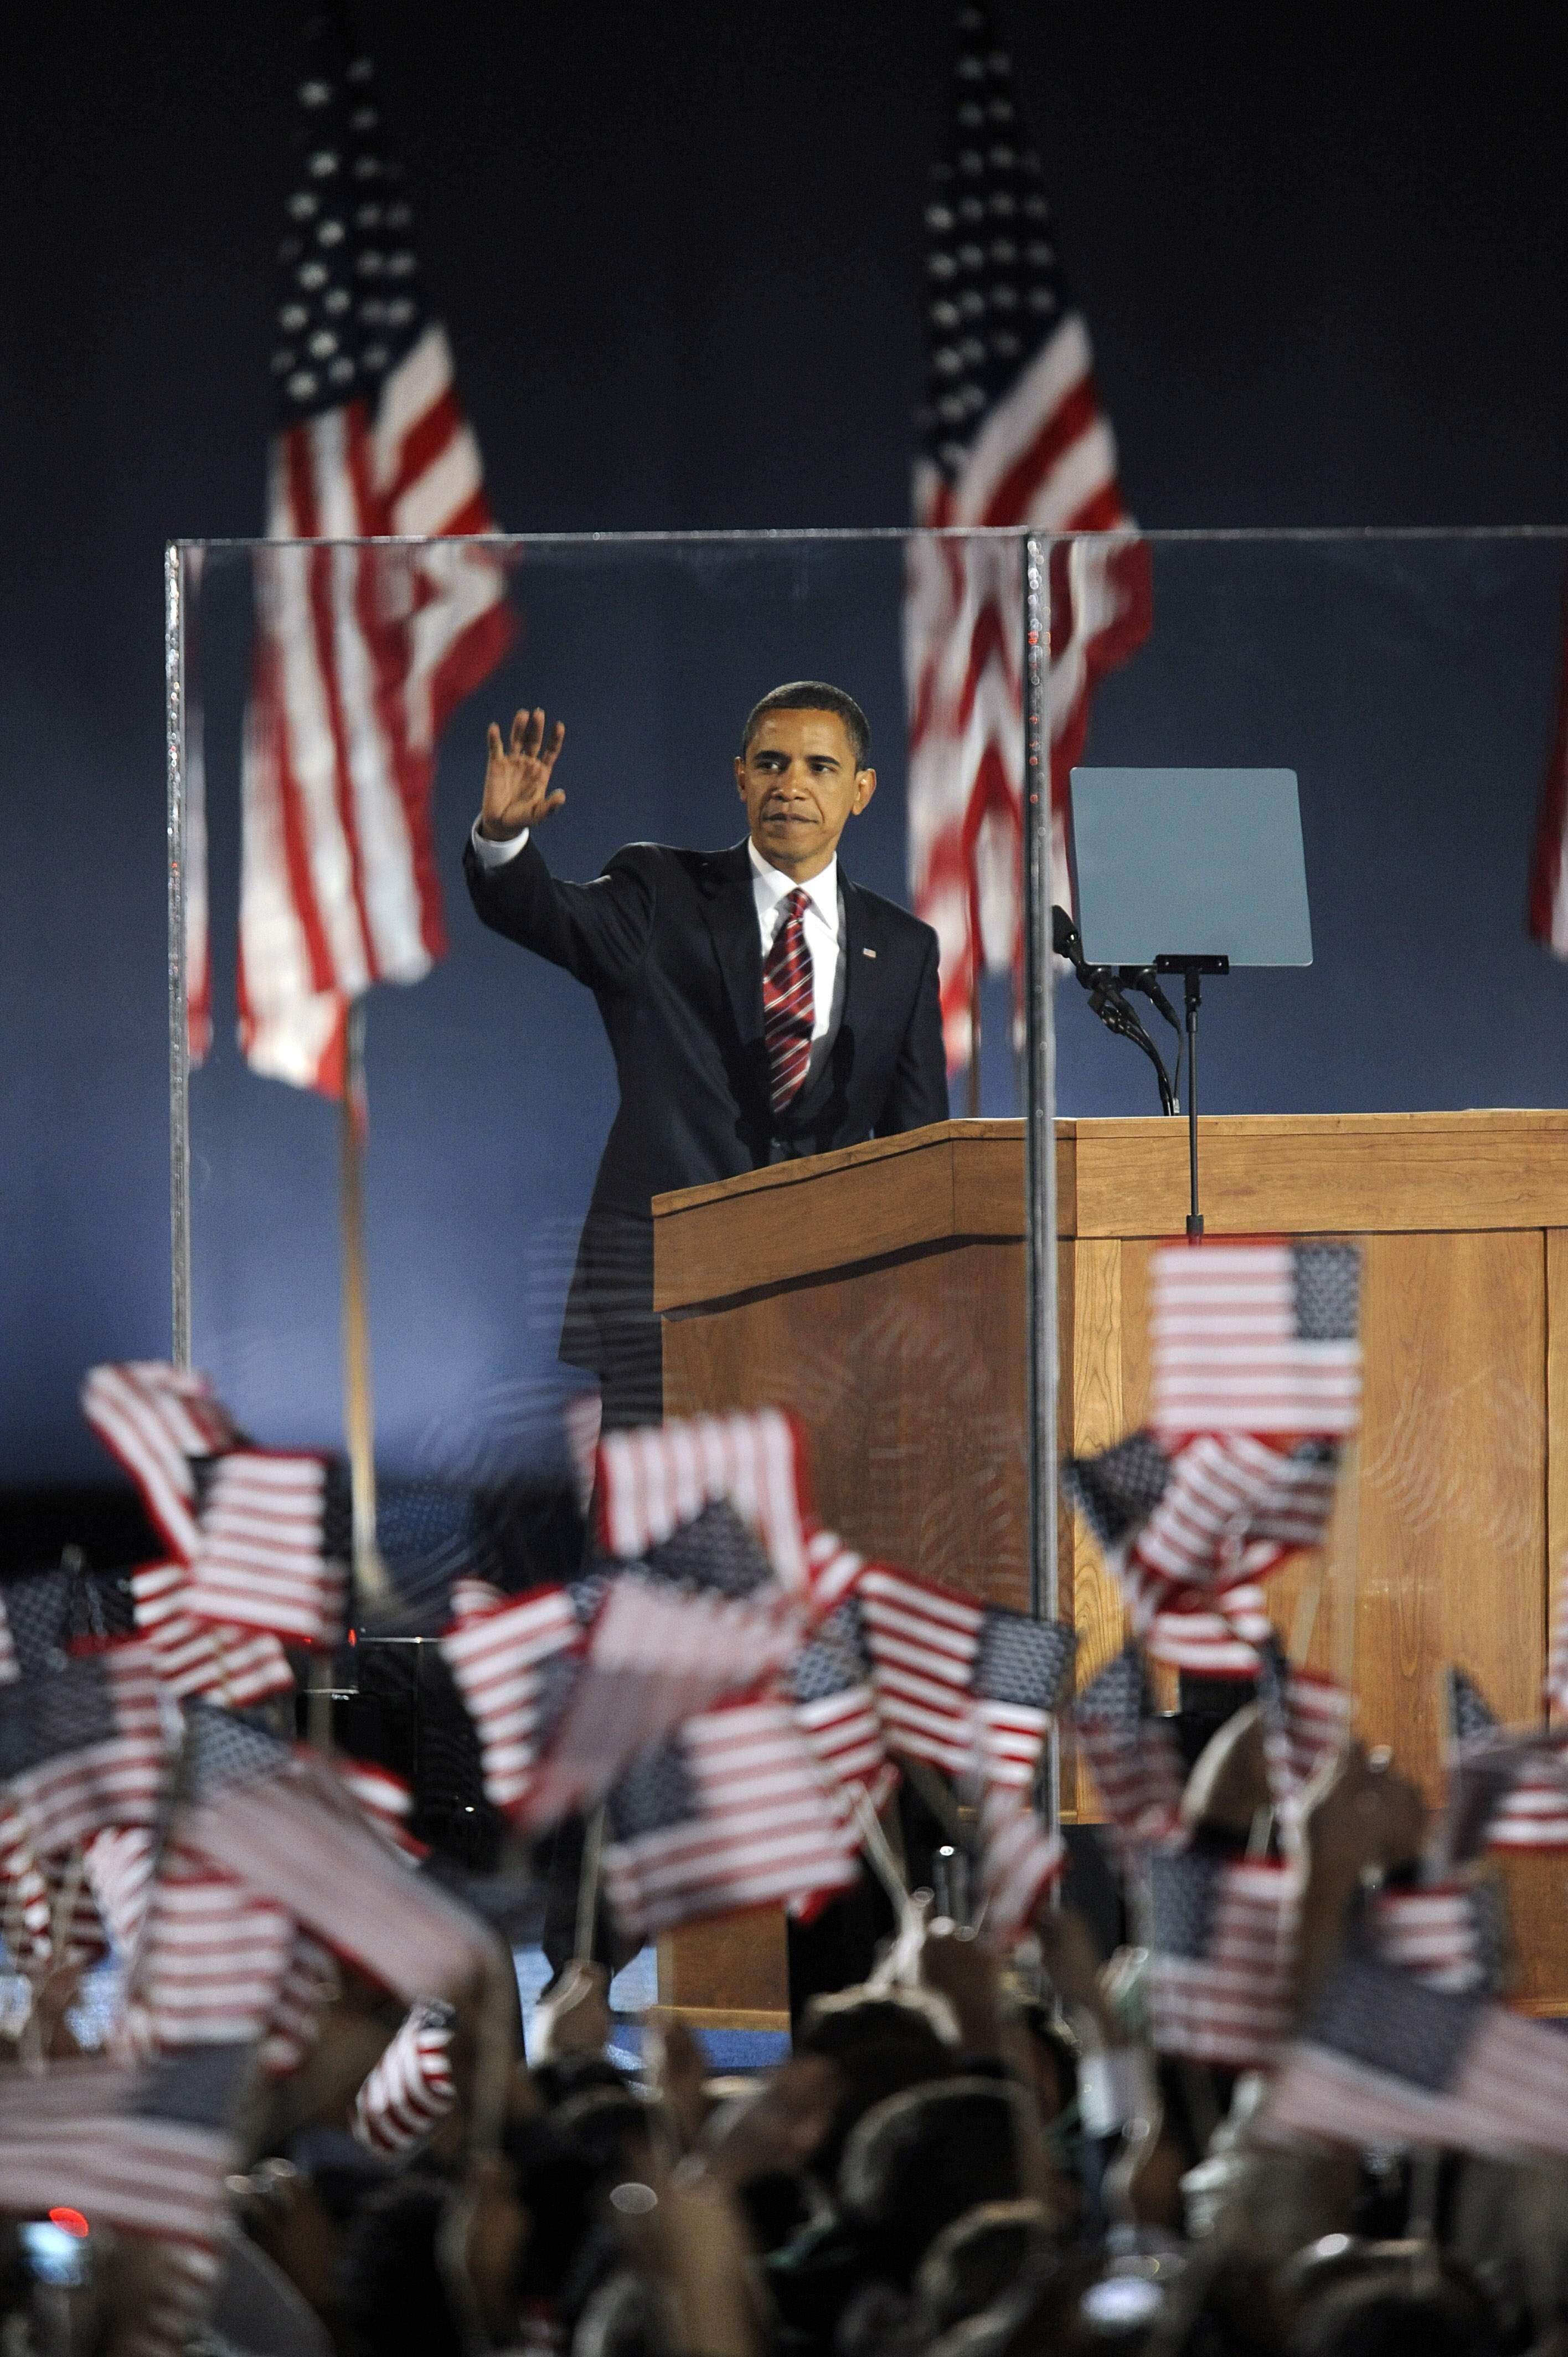 أوباما يودع الحياة السياسية في آخر خطاب رئاسي يلقيه في شيكاجو